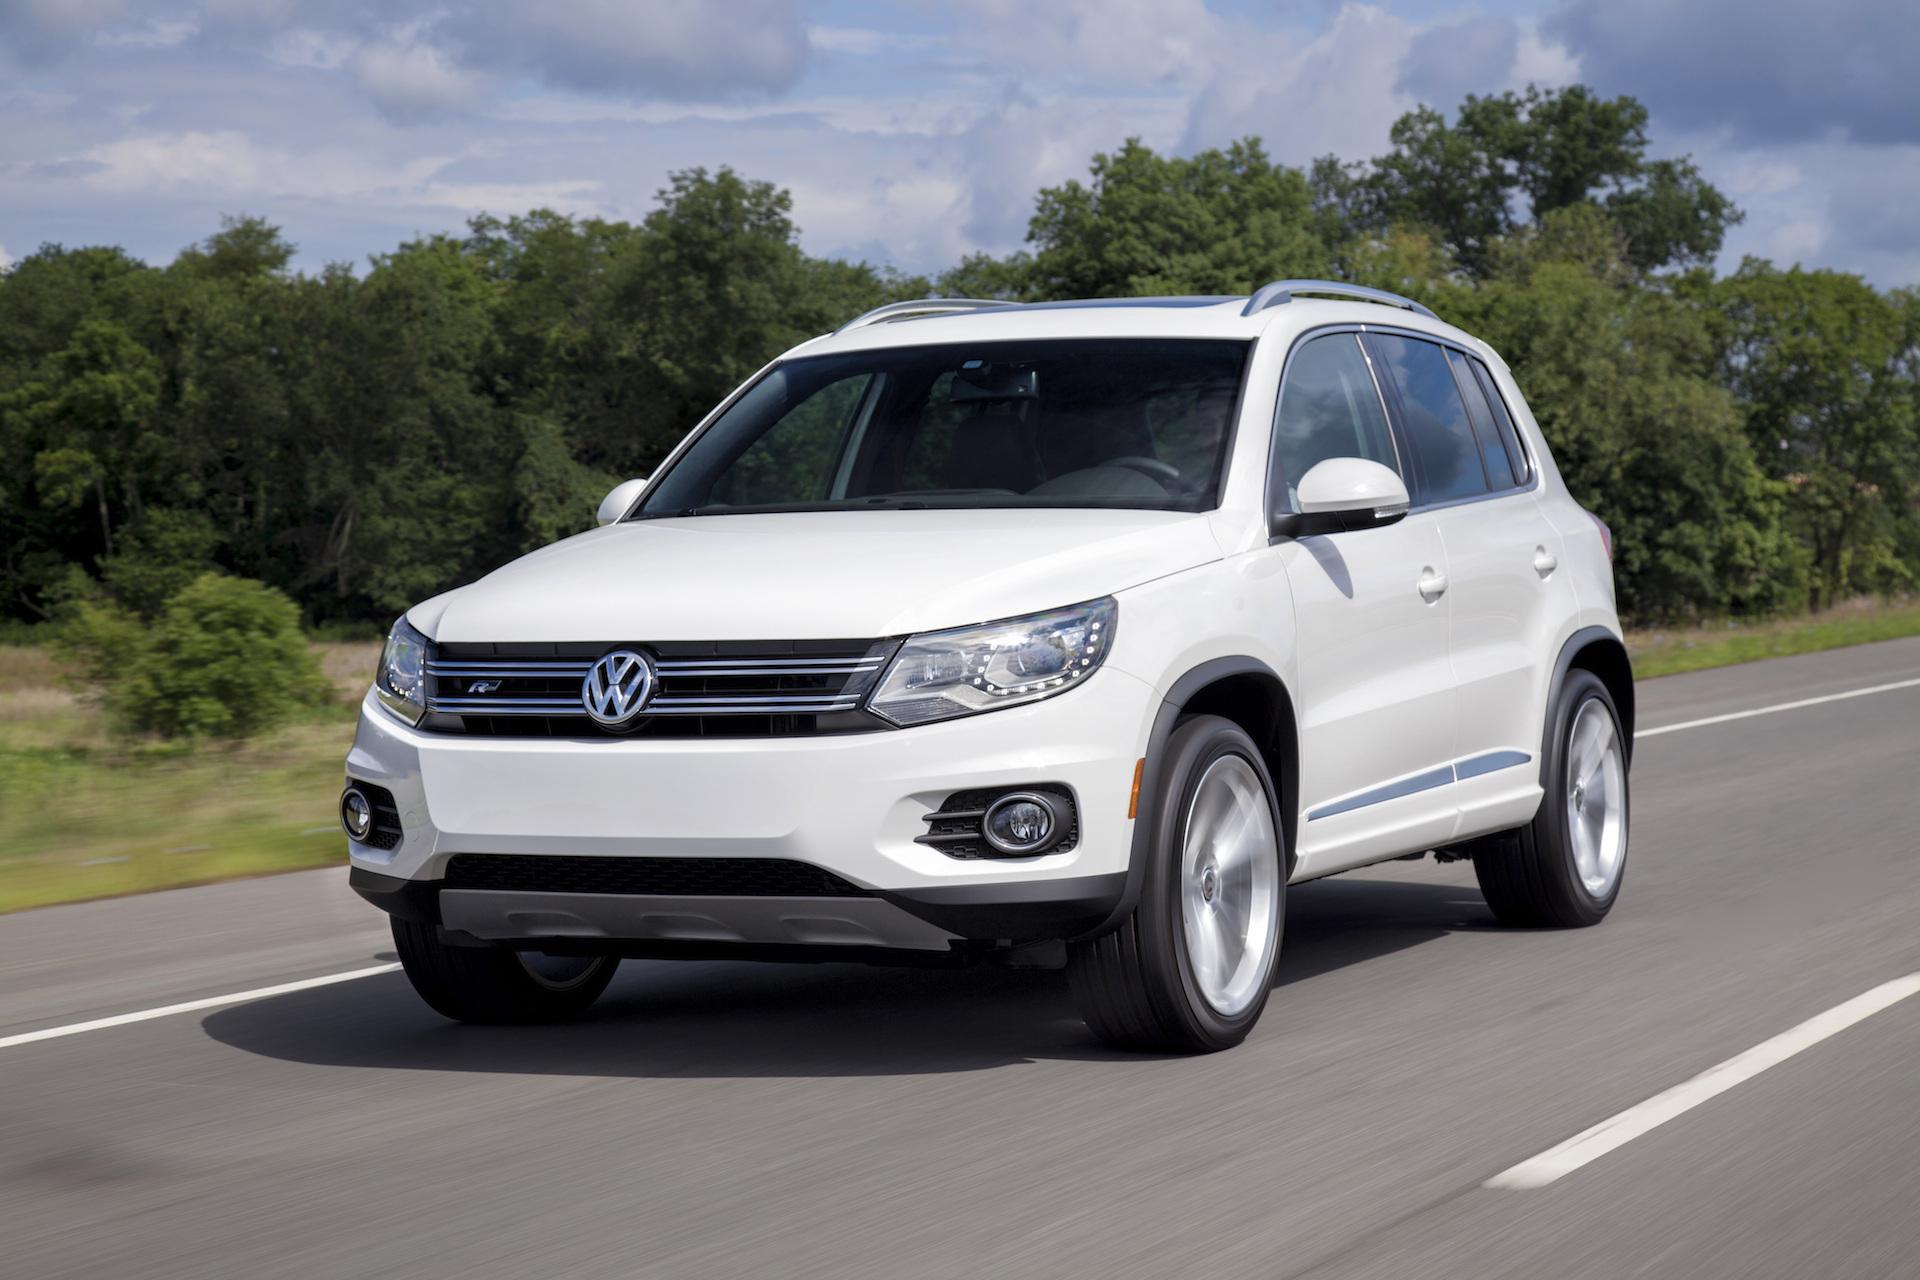 Satılık 2016 model Volkswagen Tiguan